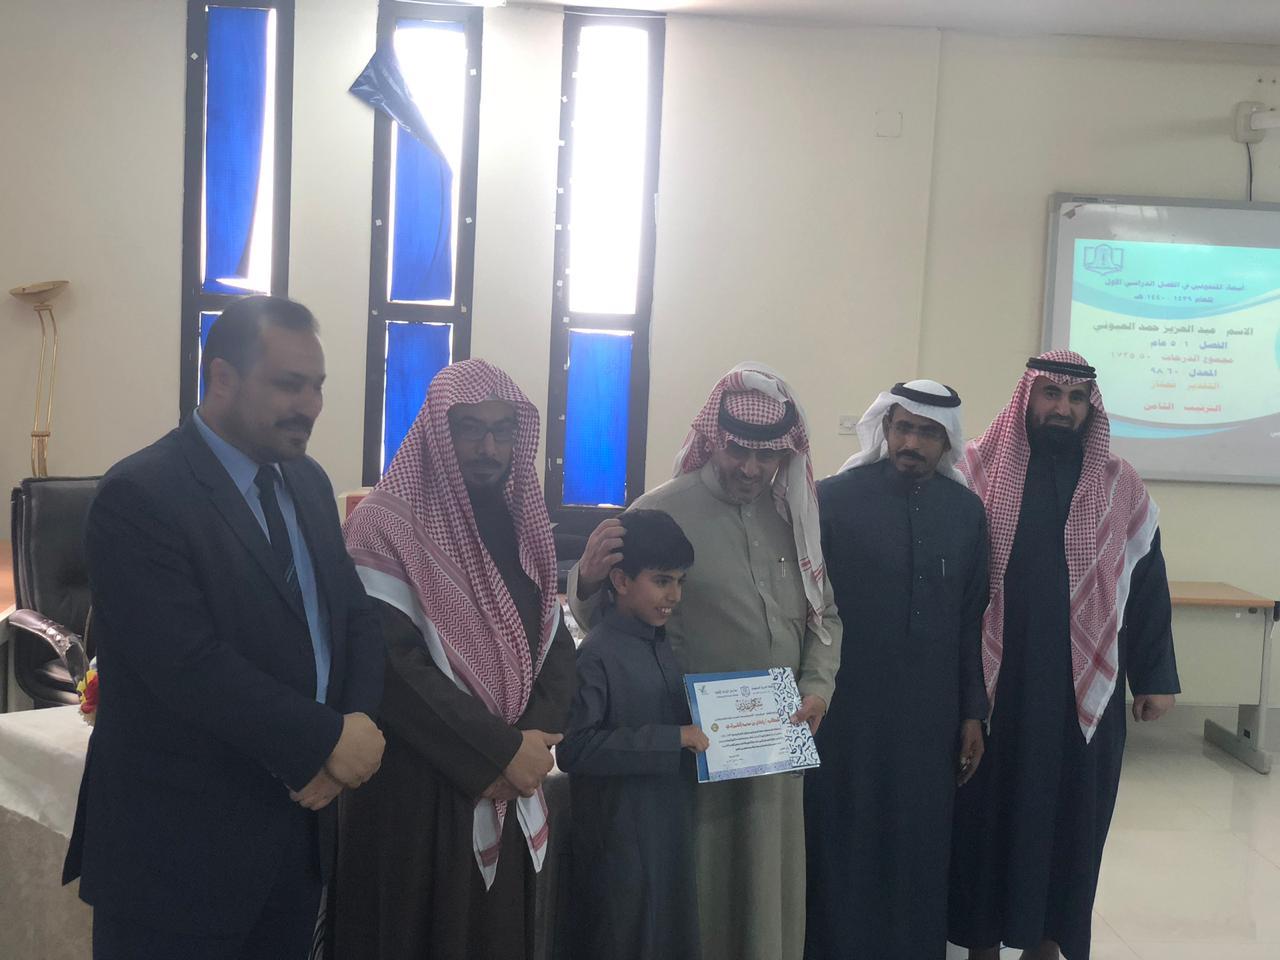 تكريم الطلاب المتفوقين خلال الفصل الدراسي الأول للعام 1440 هـ